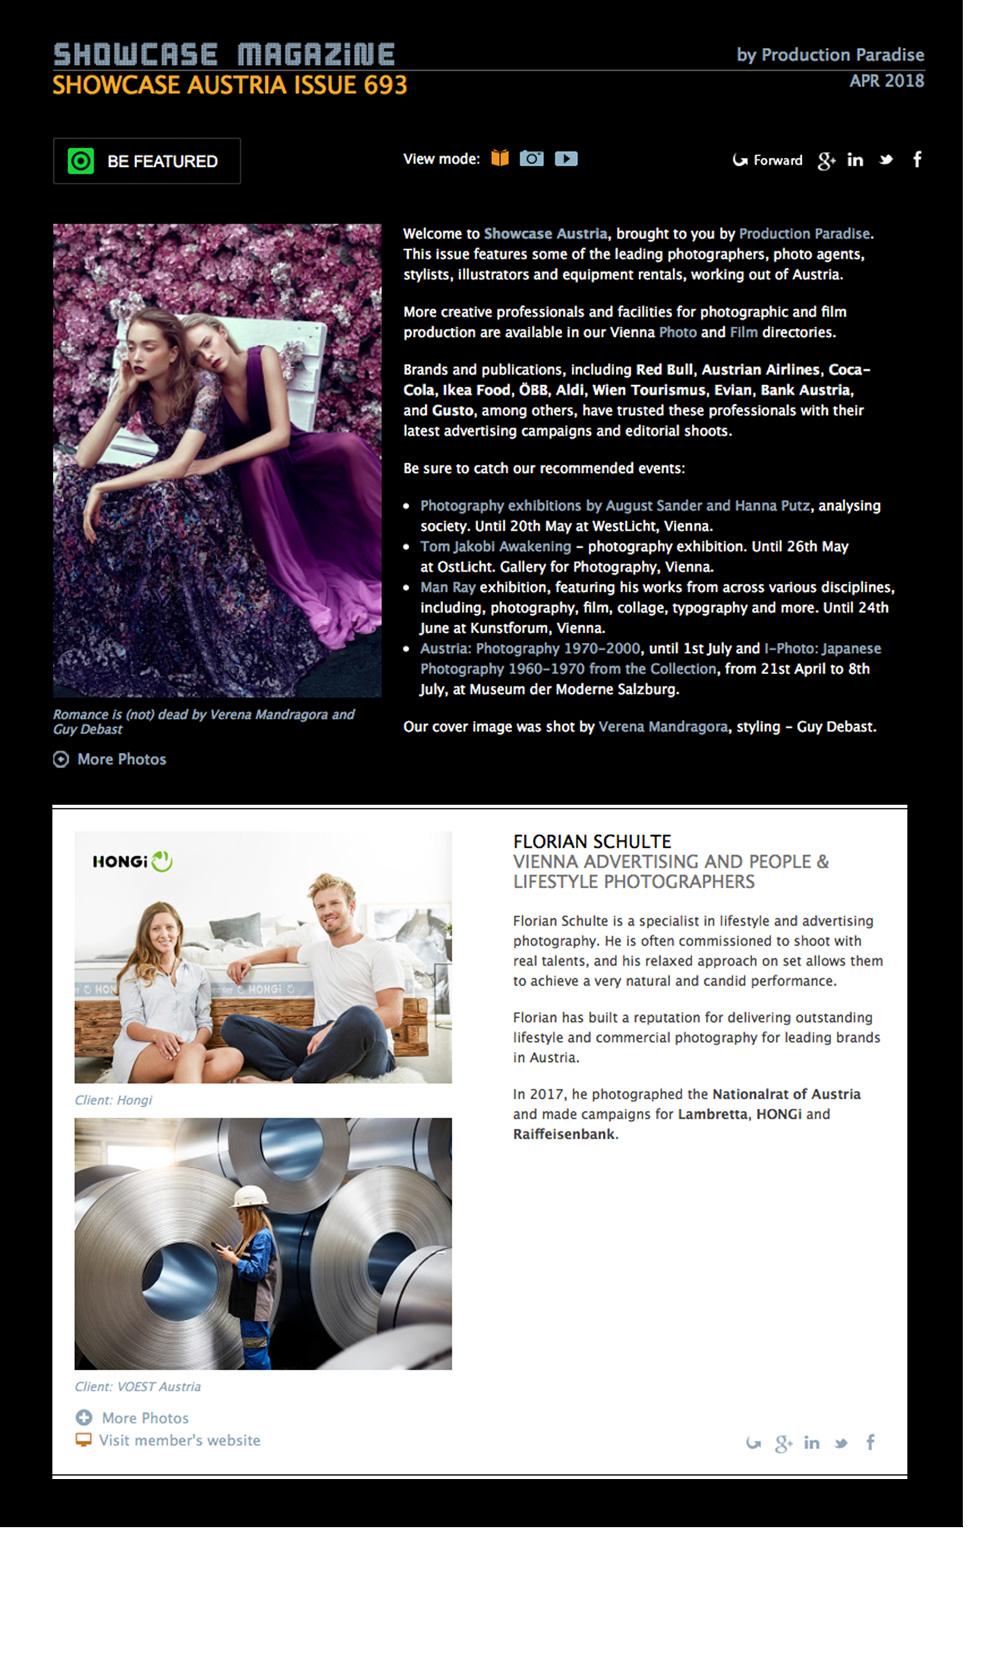 Der Newsletter von Production Paradise ist draußen. Beitrag ist hier zu finden  SHOWCASE